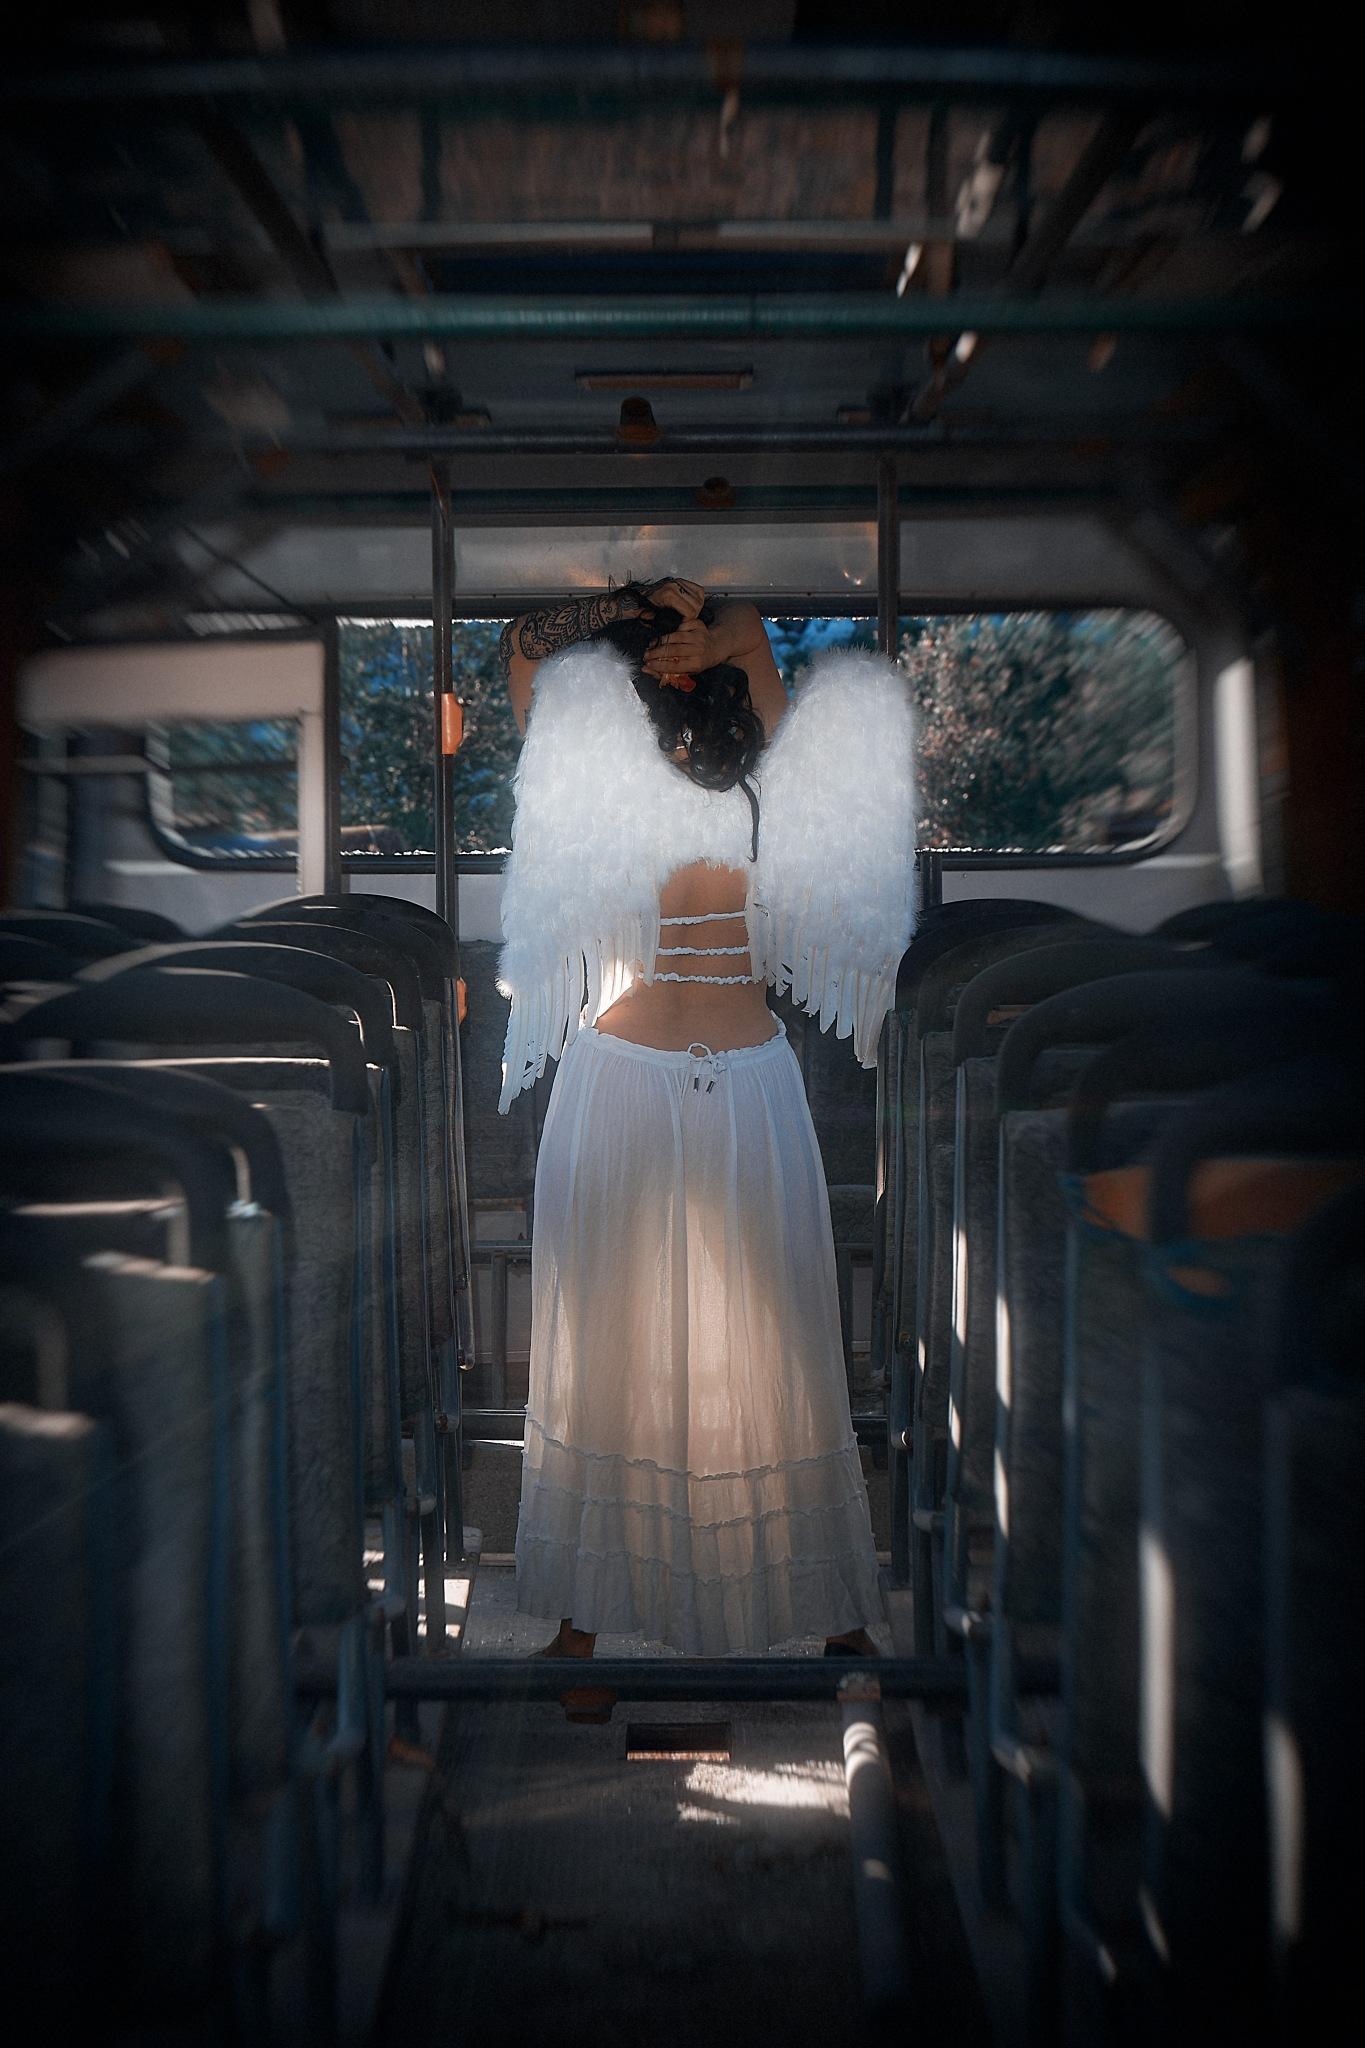 Angel by Petteri